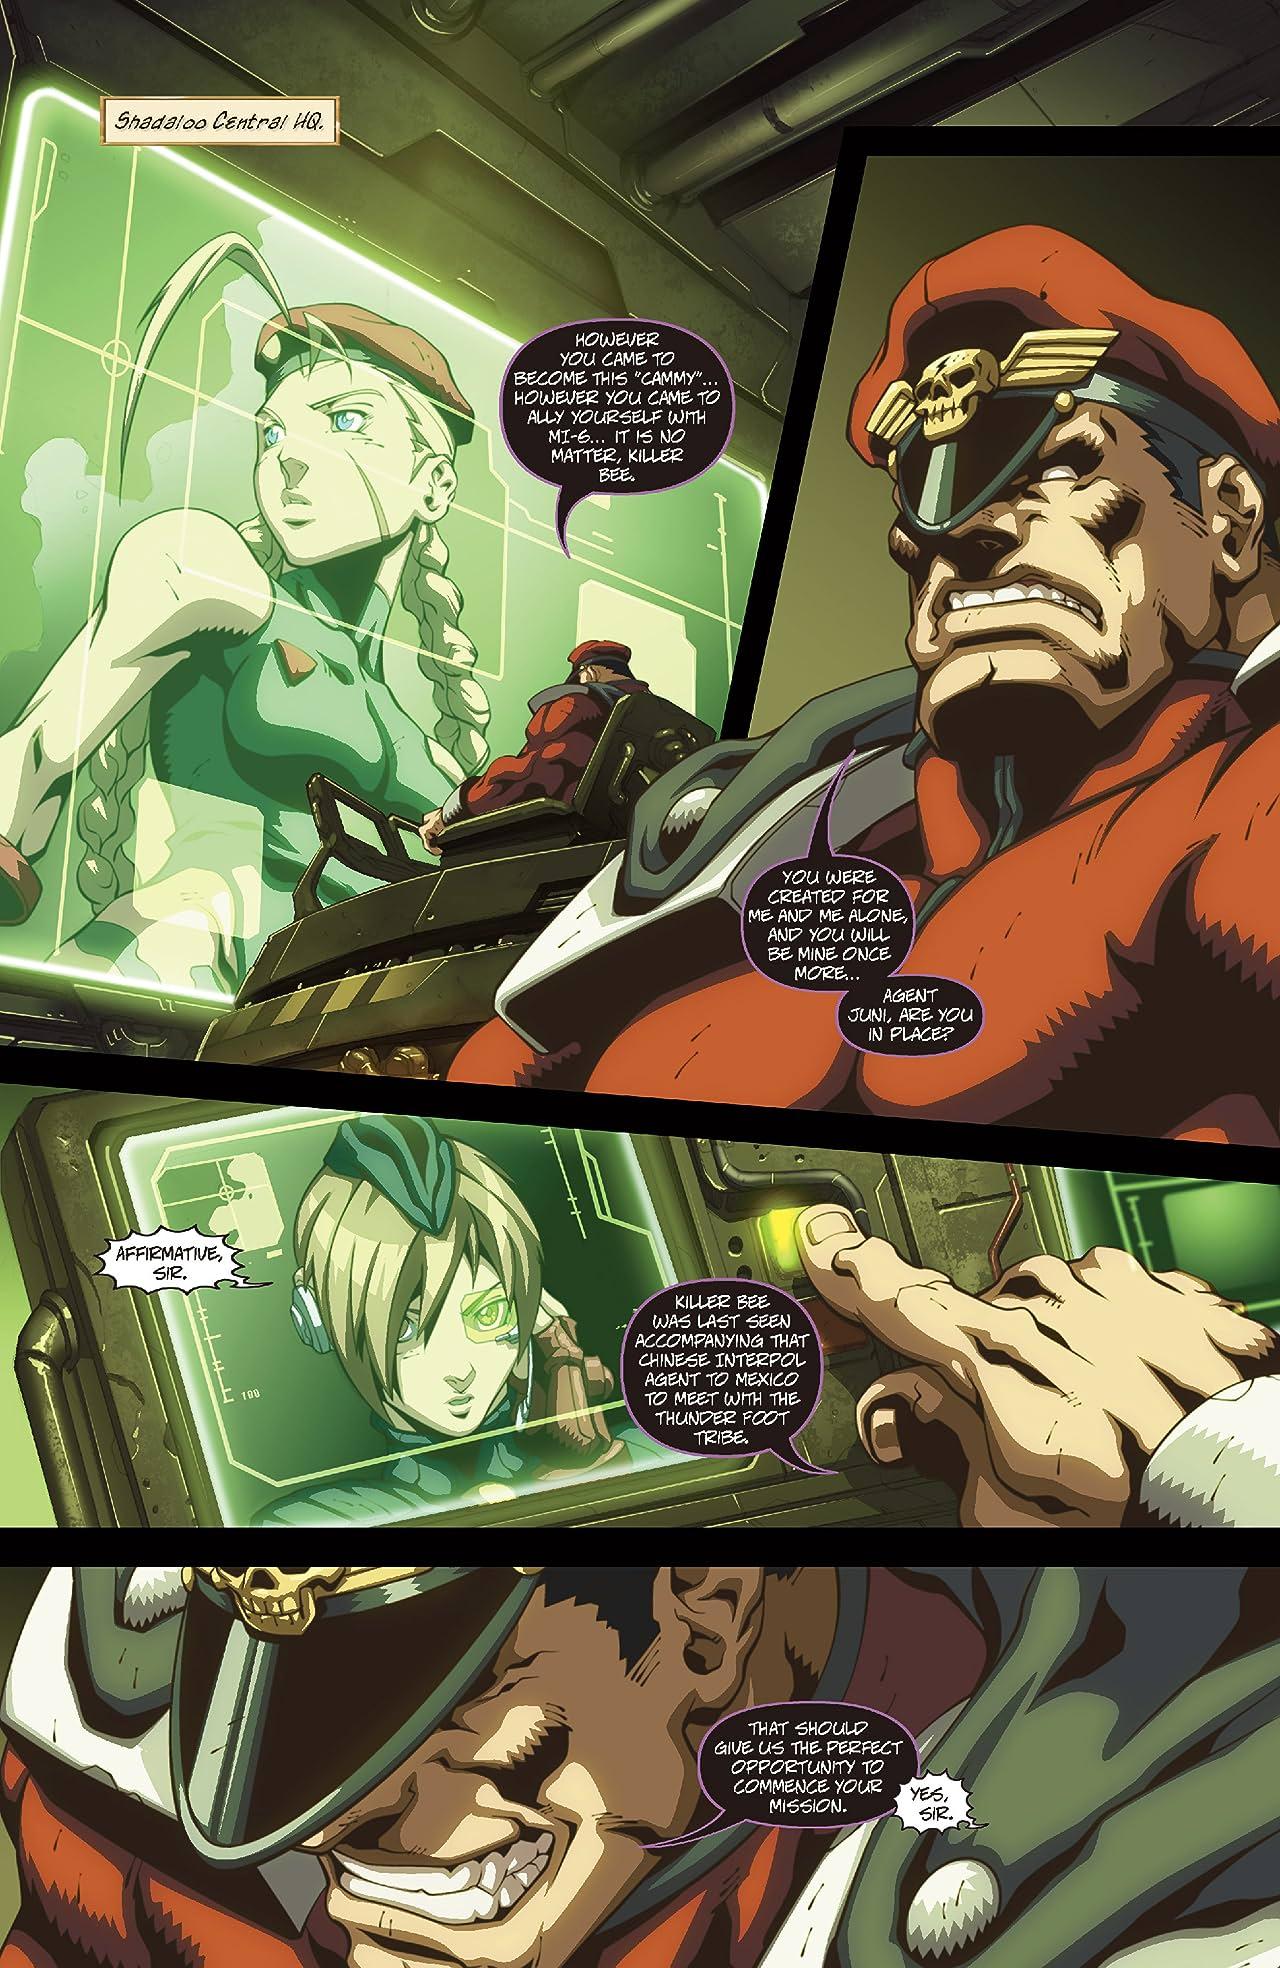 Street Fighter II #3